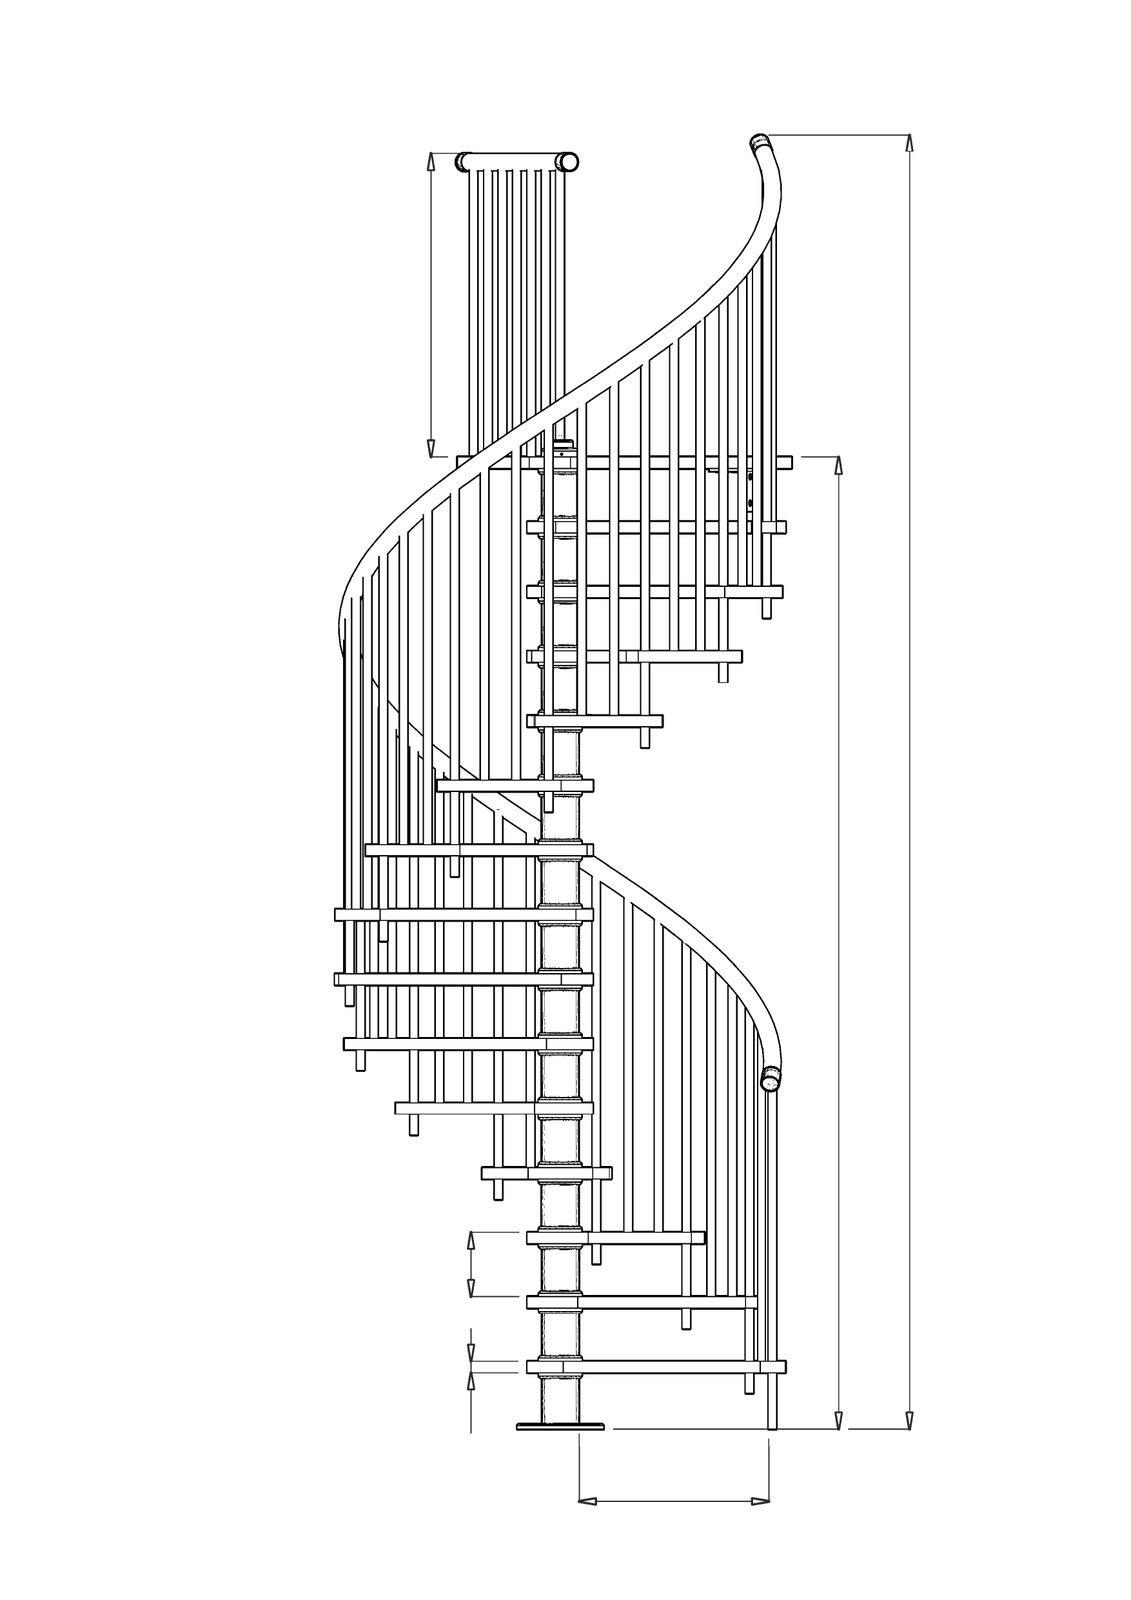 Varios Planos En 2d De Escaleras De Caracol Y En L Escalera En Forma De Diseno De Escalera Plano De Escalera De Caracol Escaleras